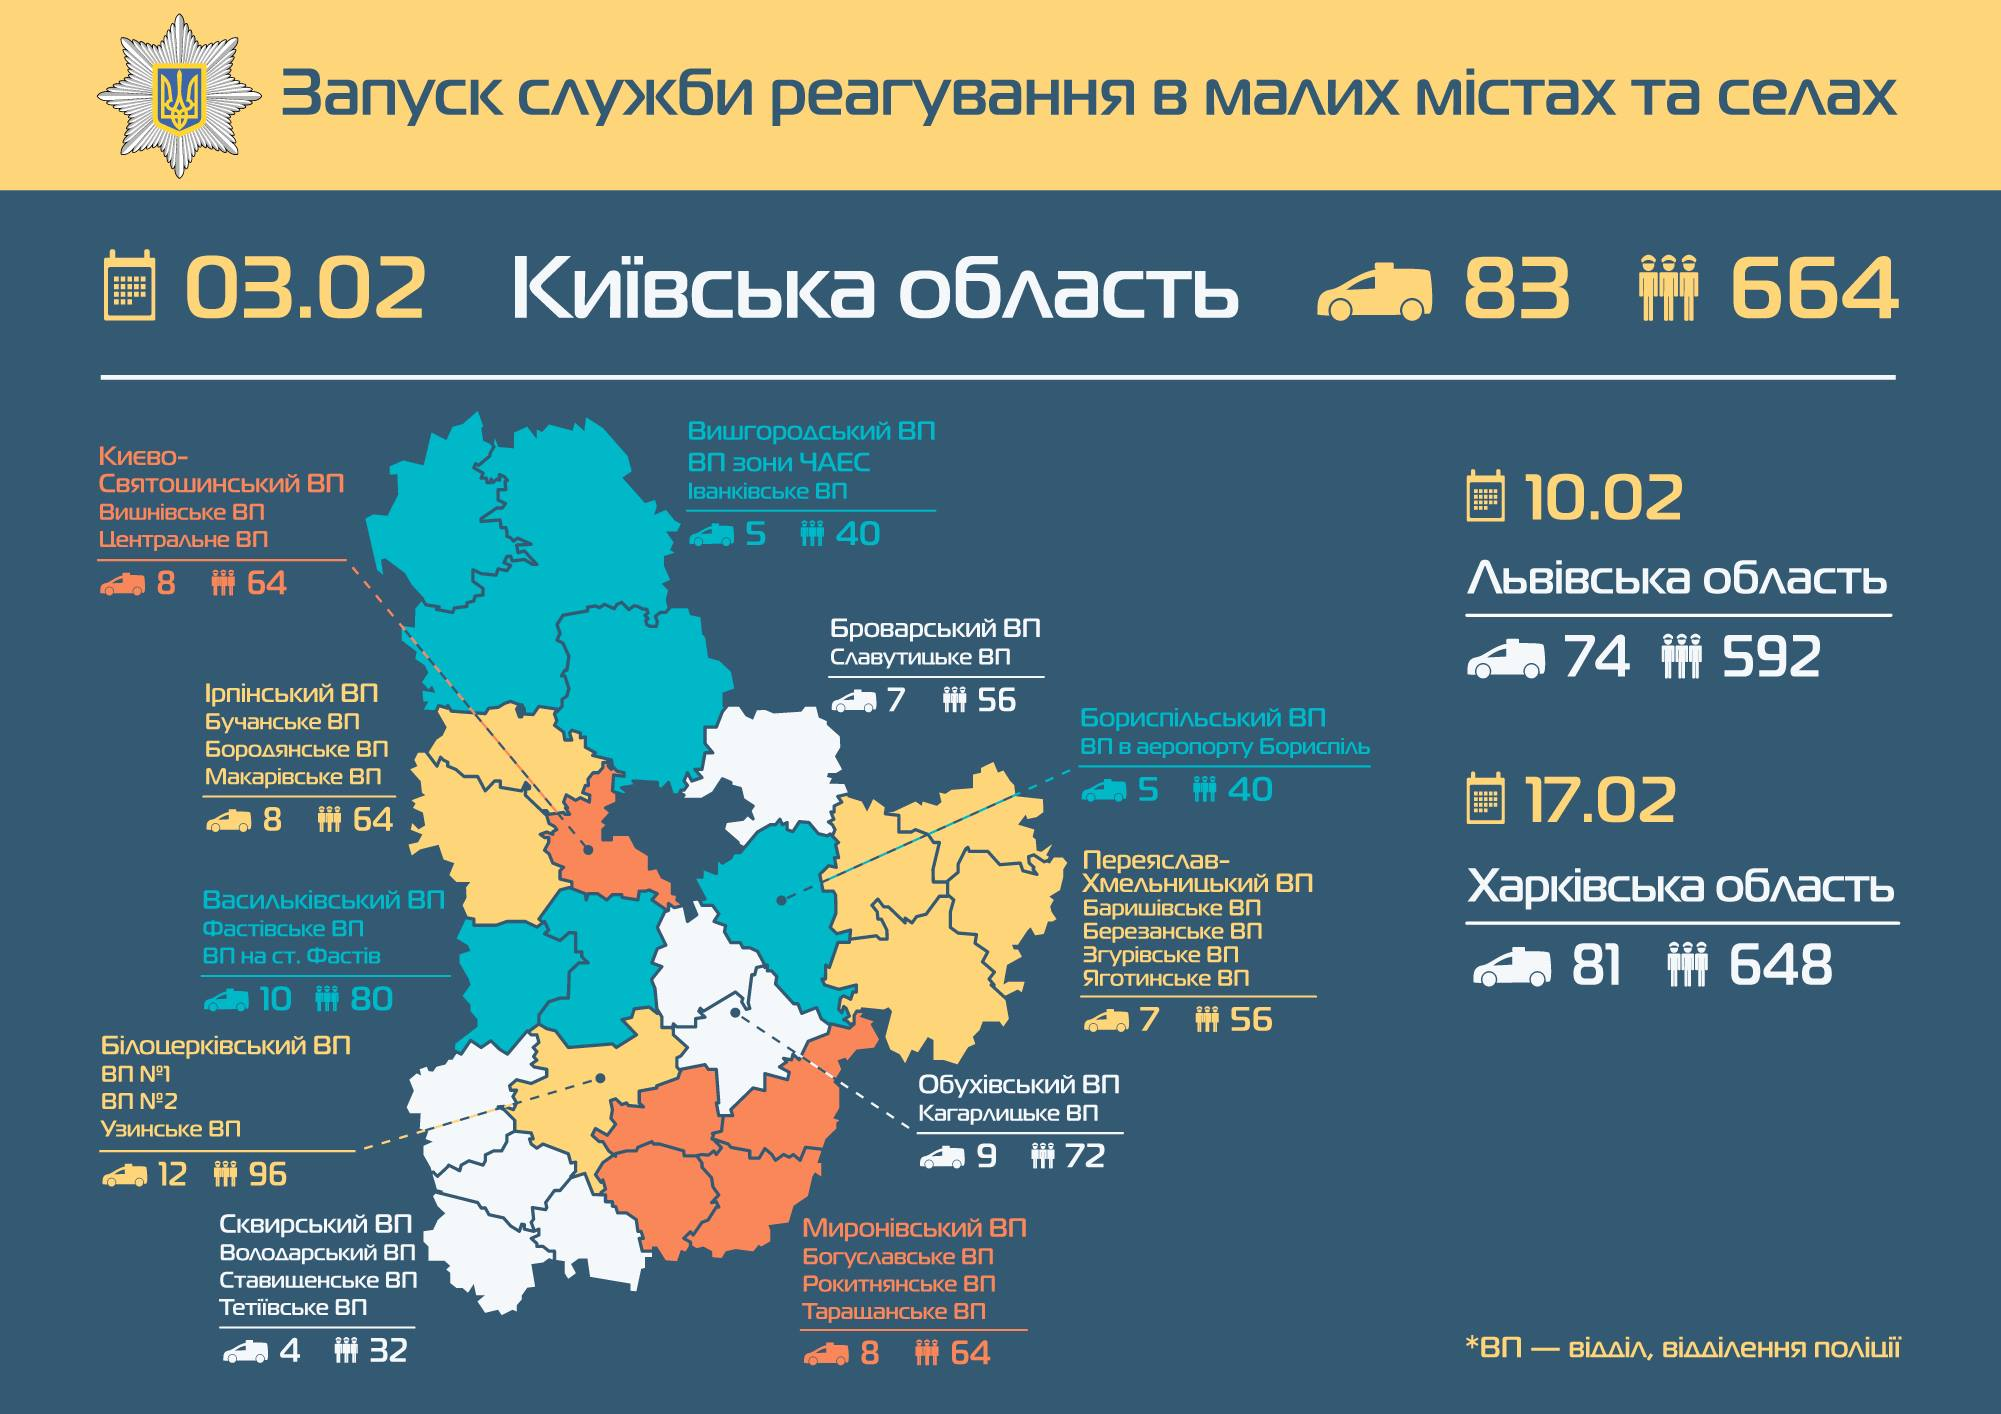 Поліція почала працювати в обласних містах та селах України (ІНФОГРАФІКА) - фото 1